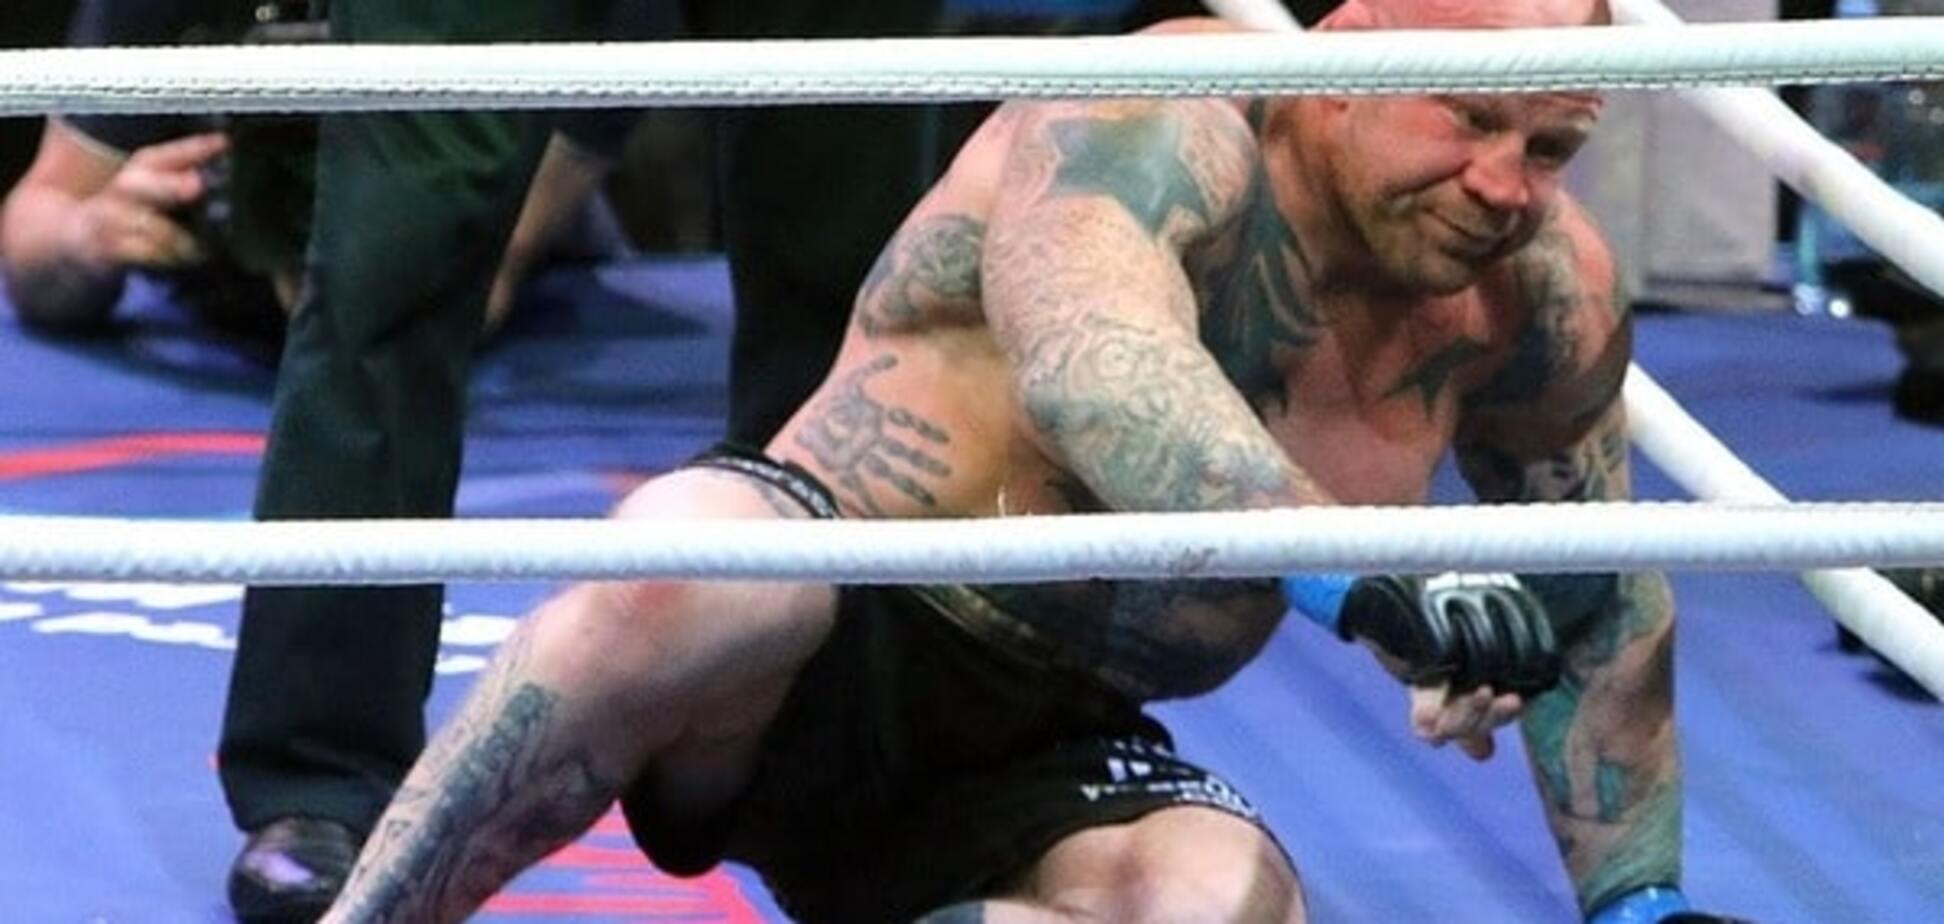 Легендарний американський боєць, який отримав громадянство Росії, програв бій за 30 секунд